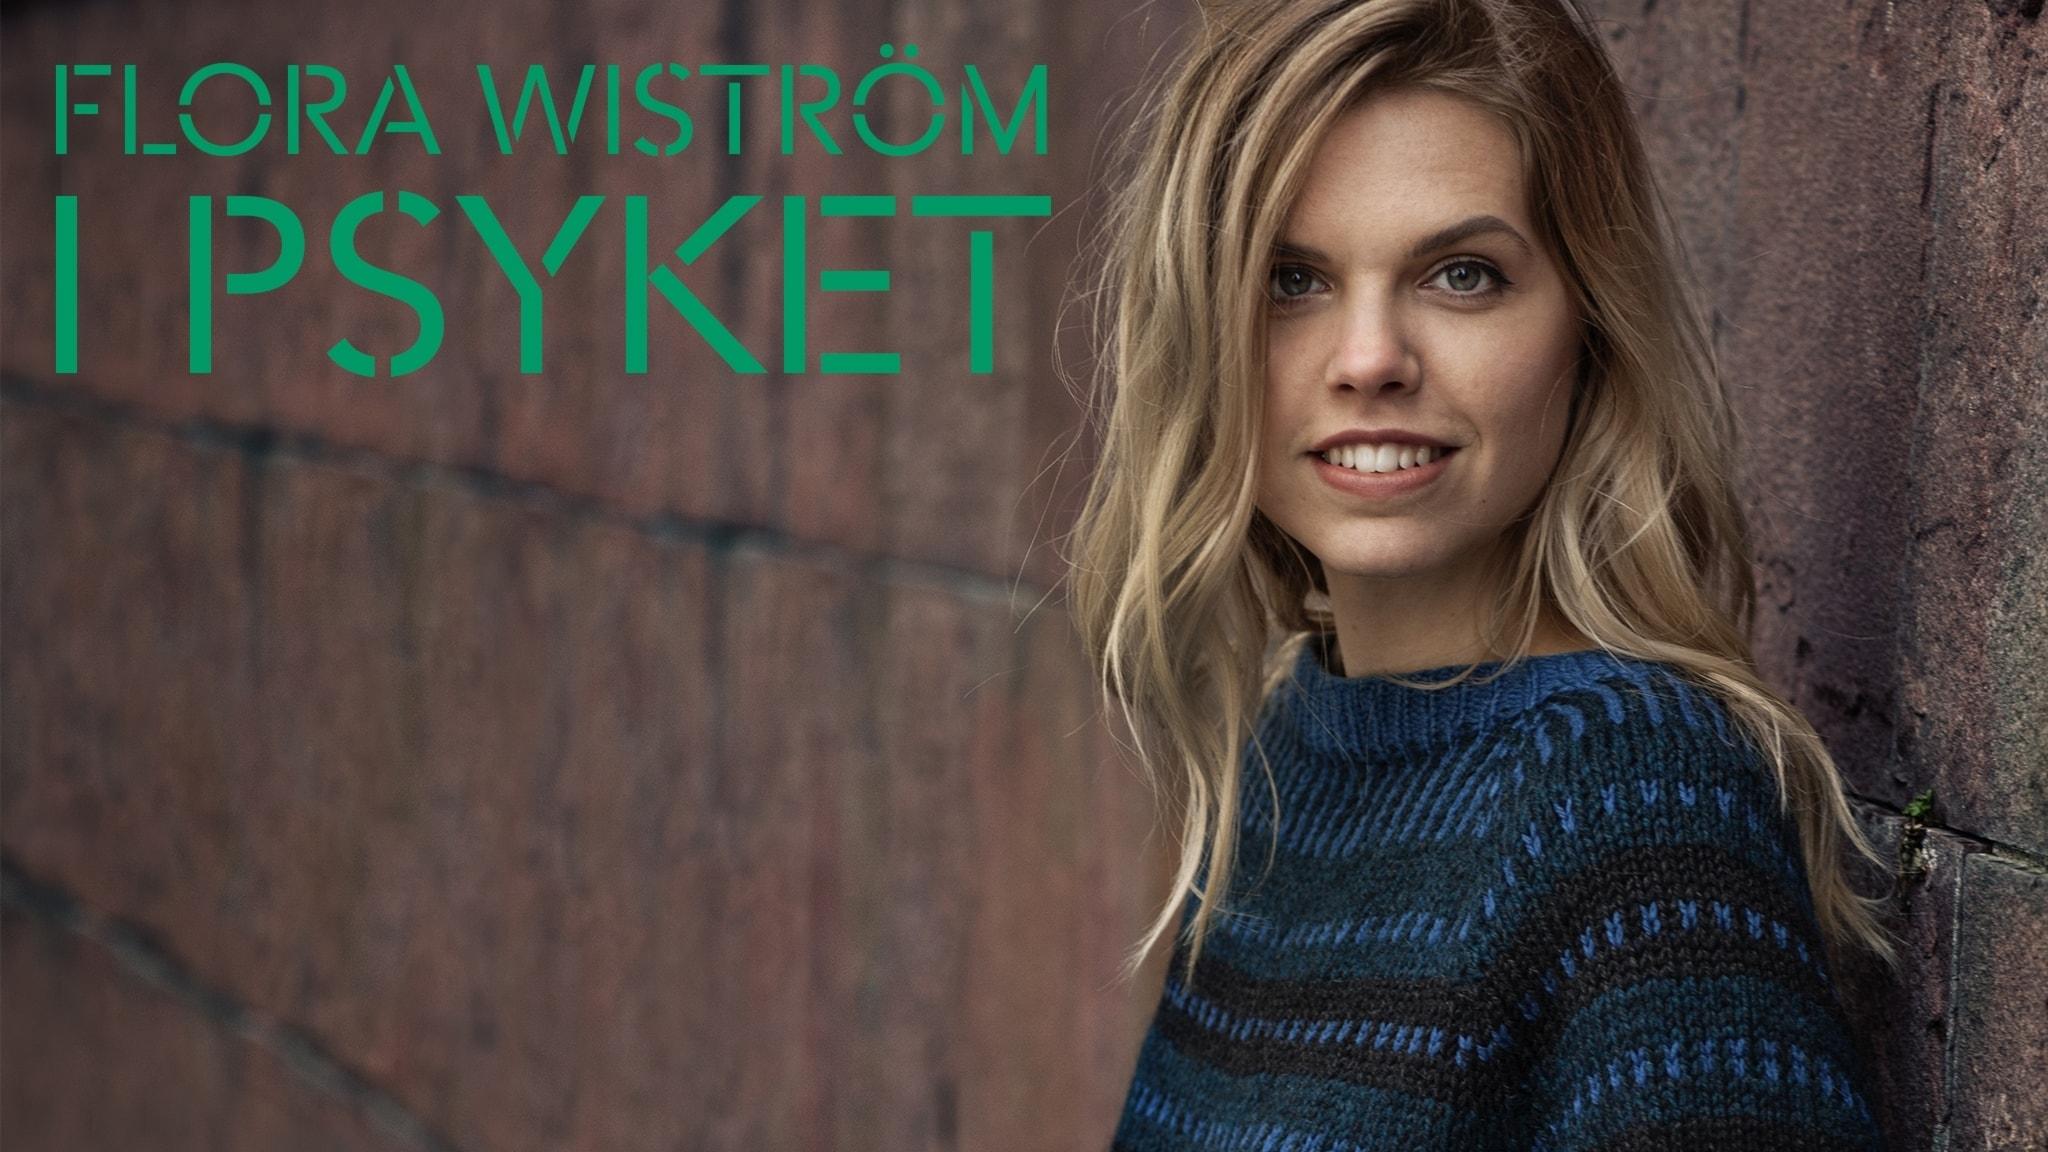 Flora Wiström: Jag är ingen docka som folk kan plocka fram när det passar dem